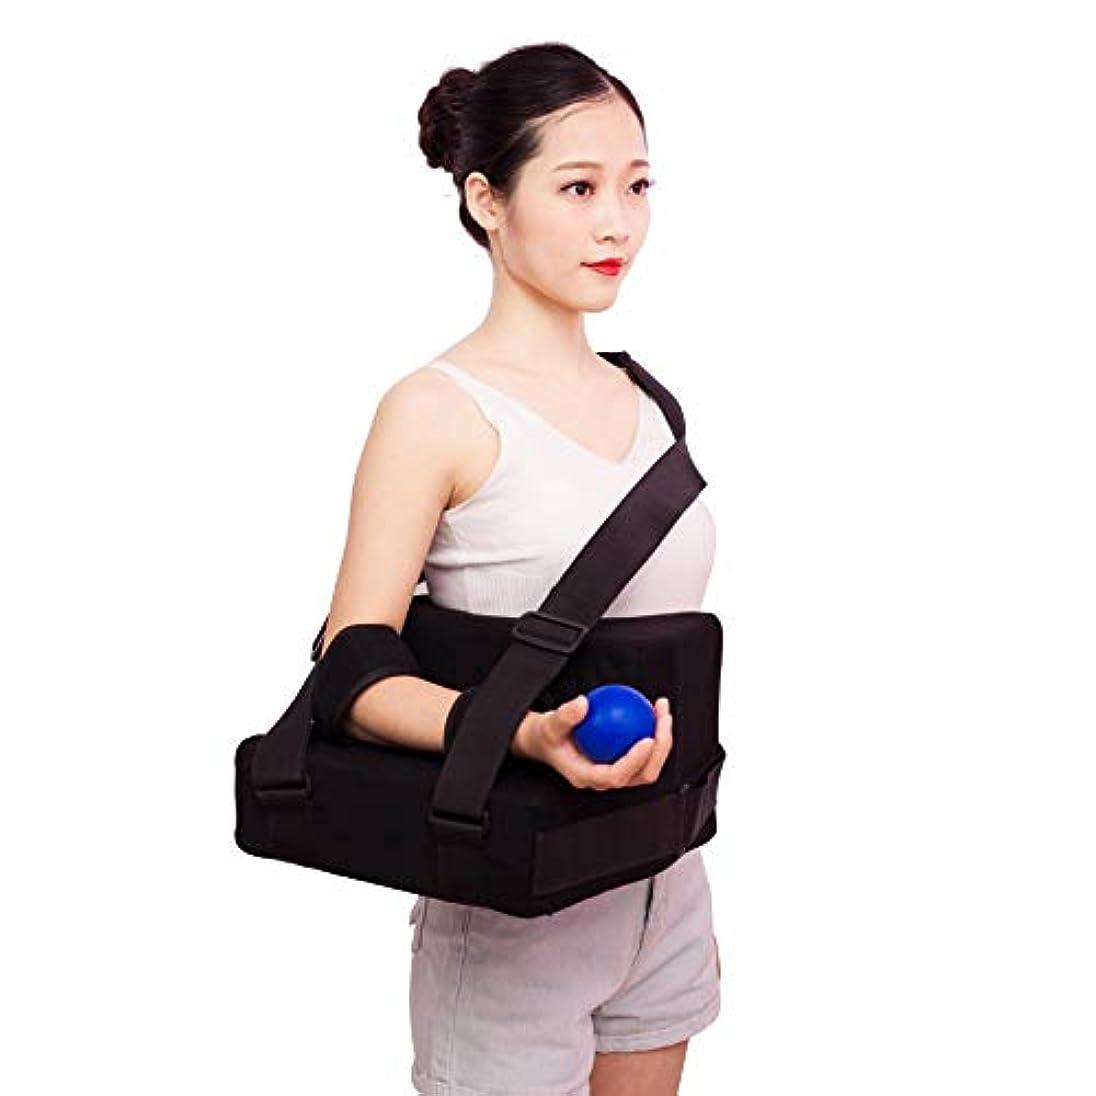 伝統光沢強化する枕付き肩外転スリング、肩アームイモビライザーには、ポケットストラップ、回旋腱板用のストレスボール、手術および骨折した腕が含まれます,Left